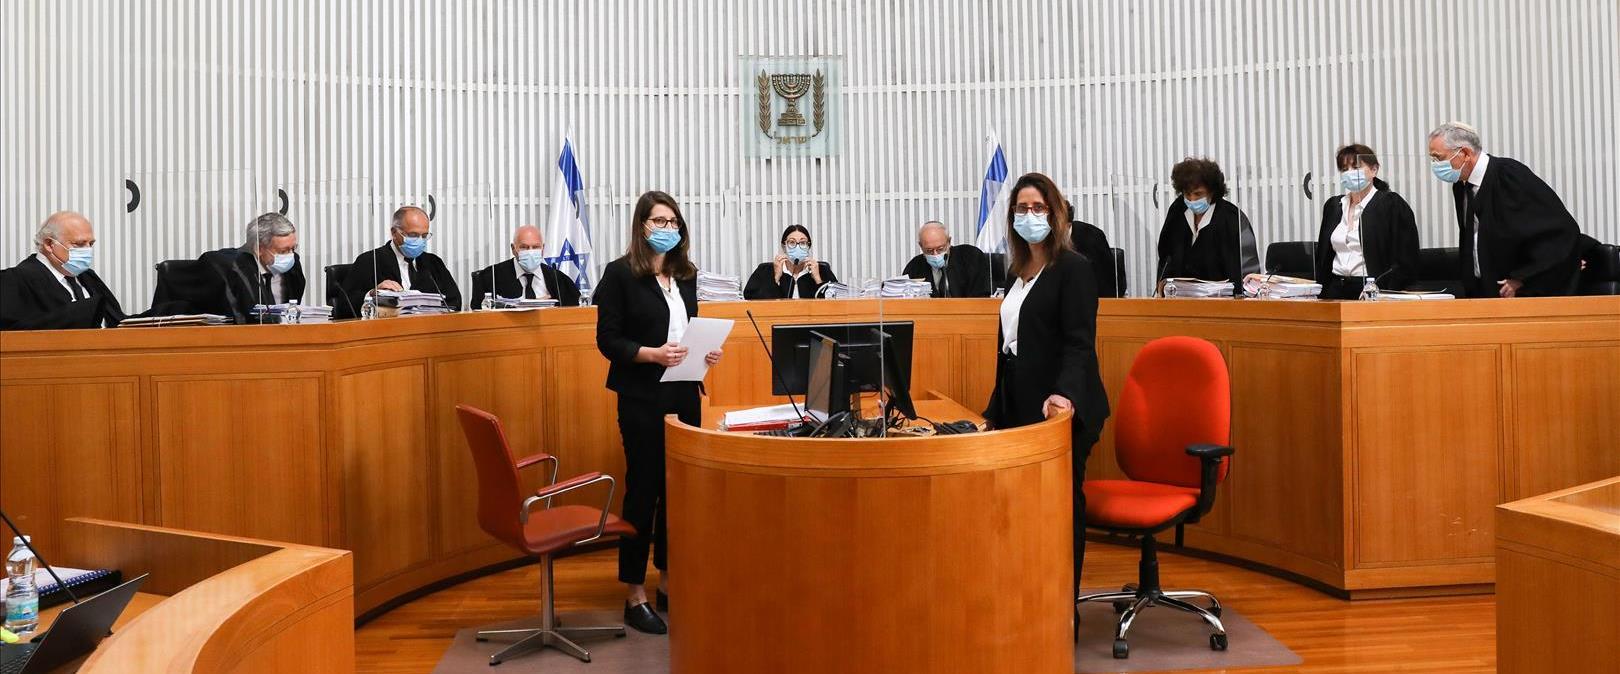 """הדיון בבג""""ץ בעתירות נגד כהונת רה""""מ, 03.05.20"""